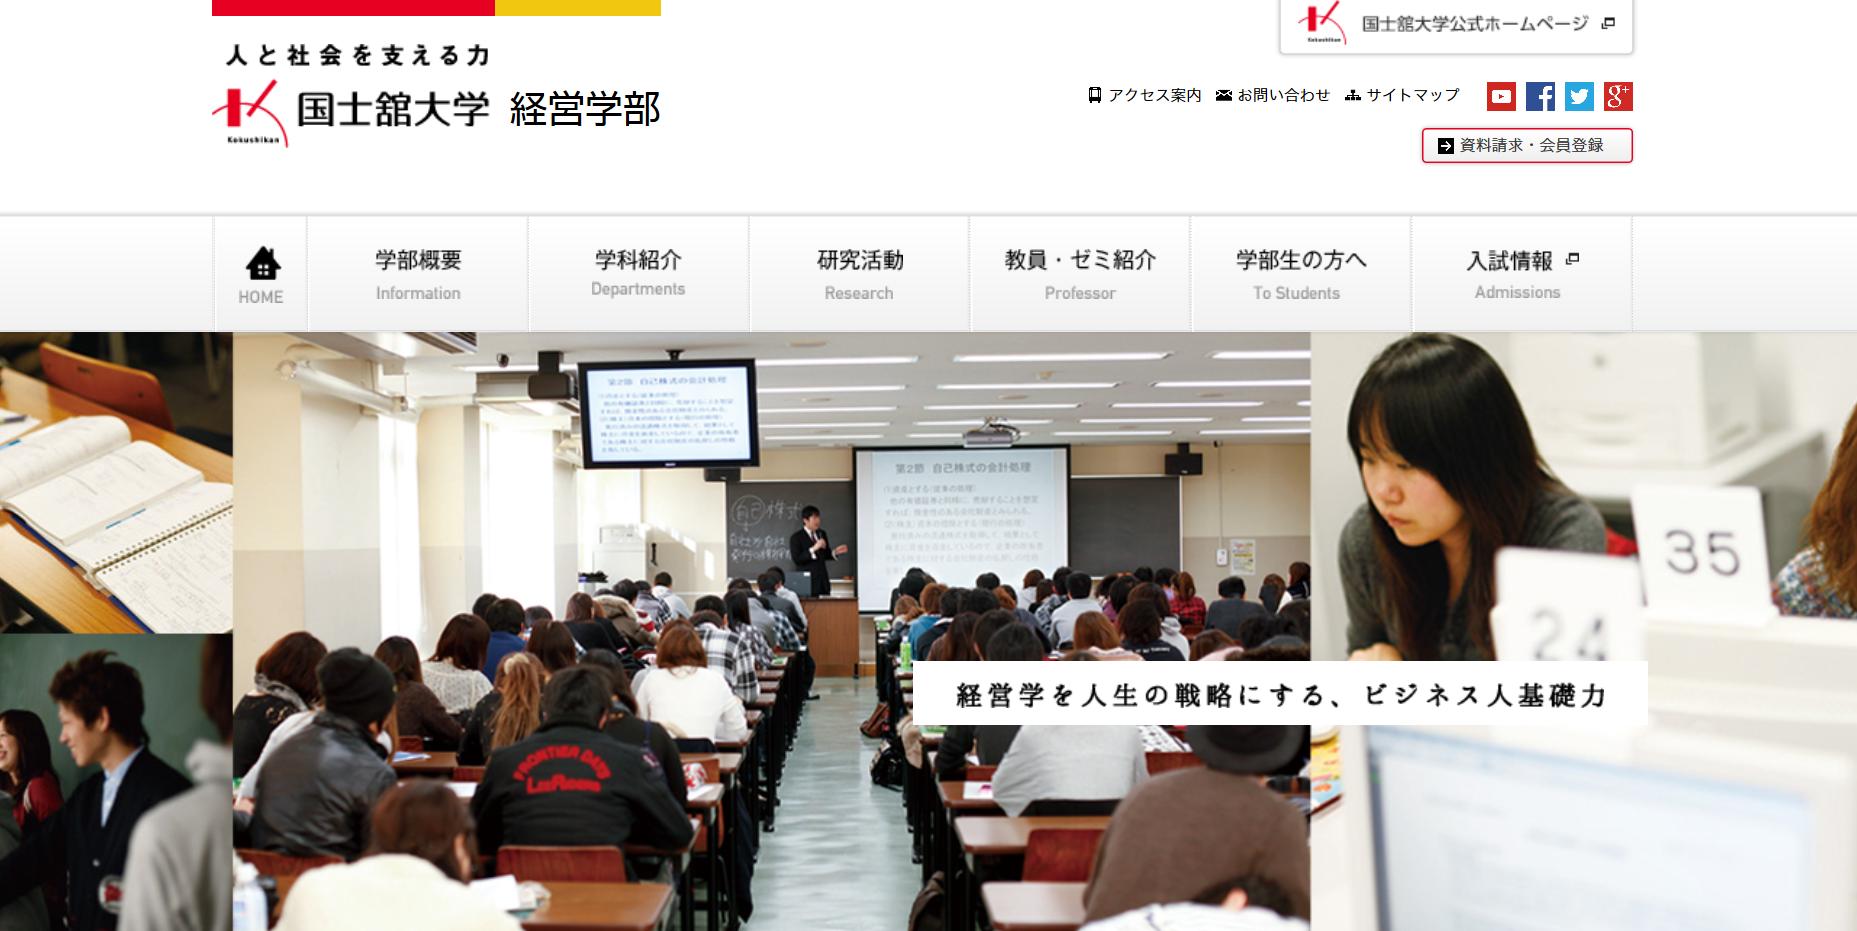 国士舘大学の評判・口コミ【経営学部編】